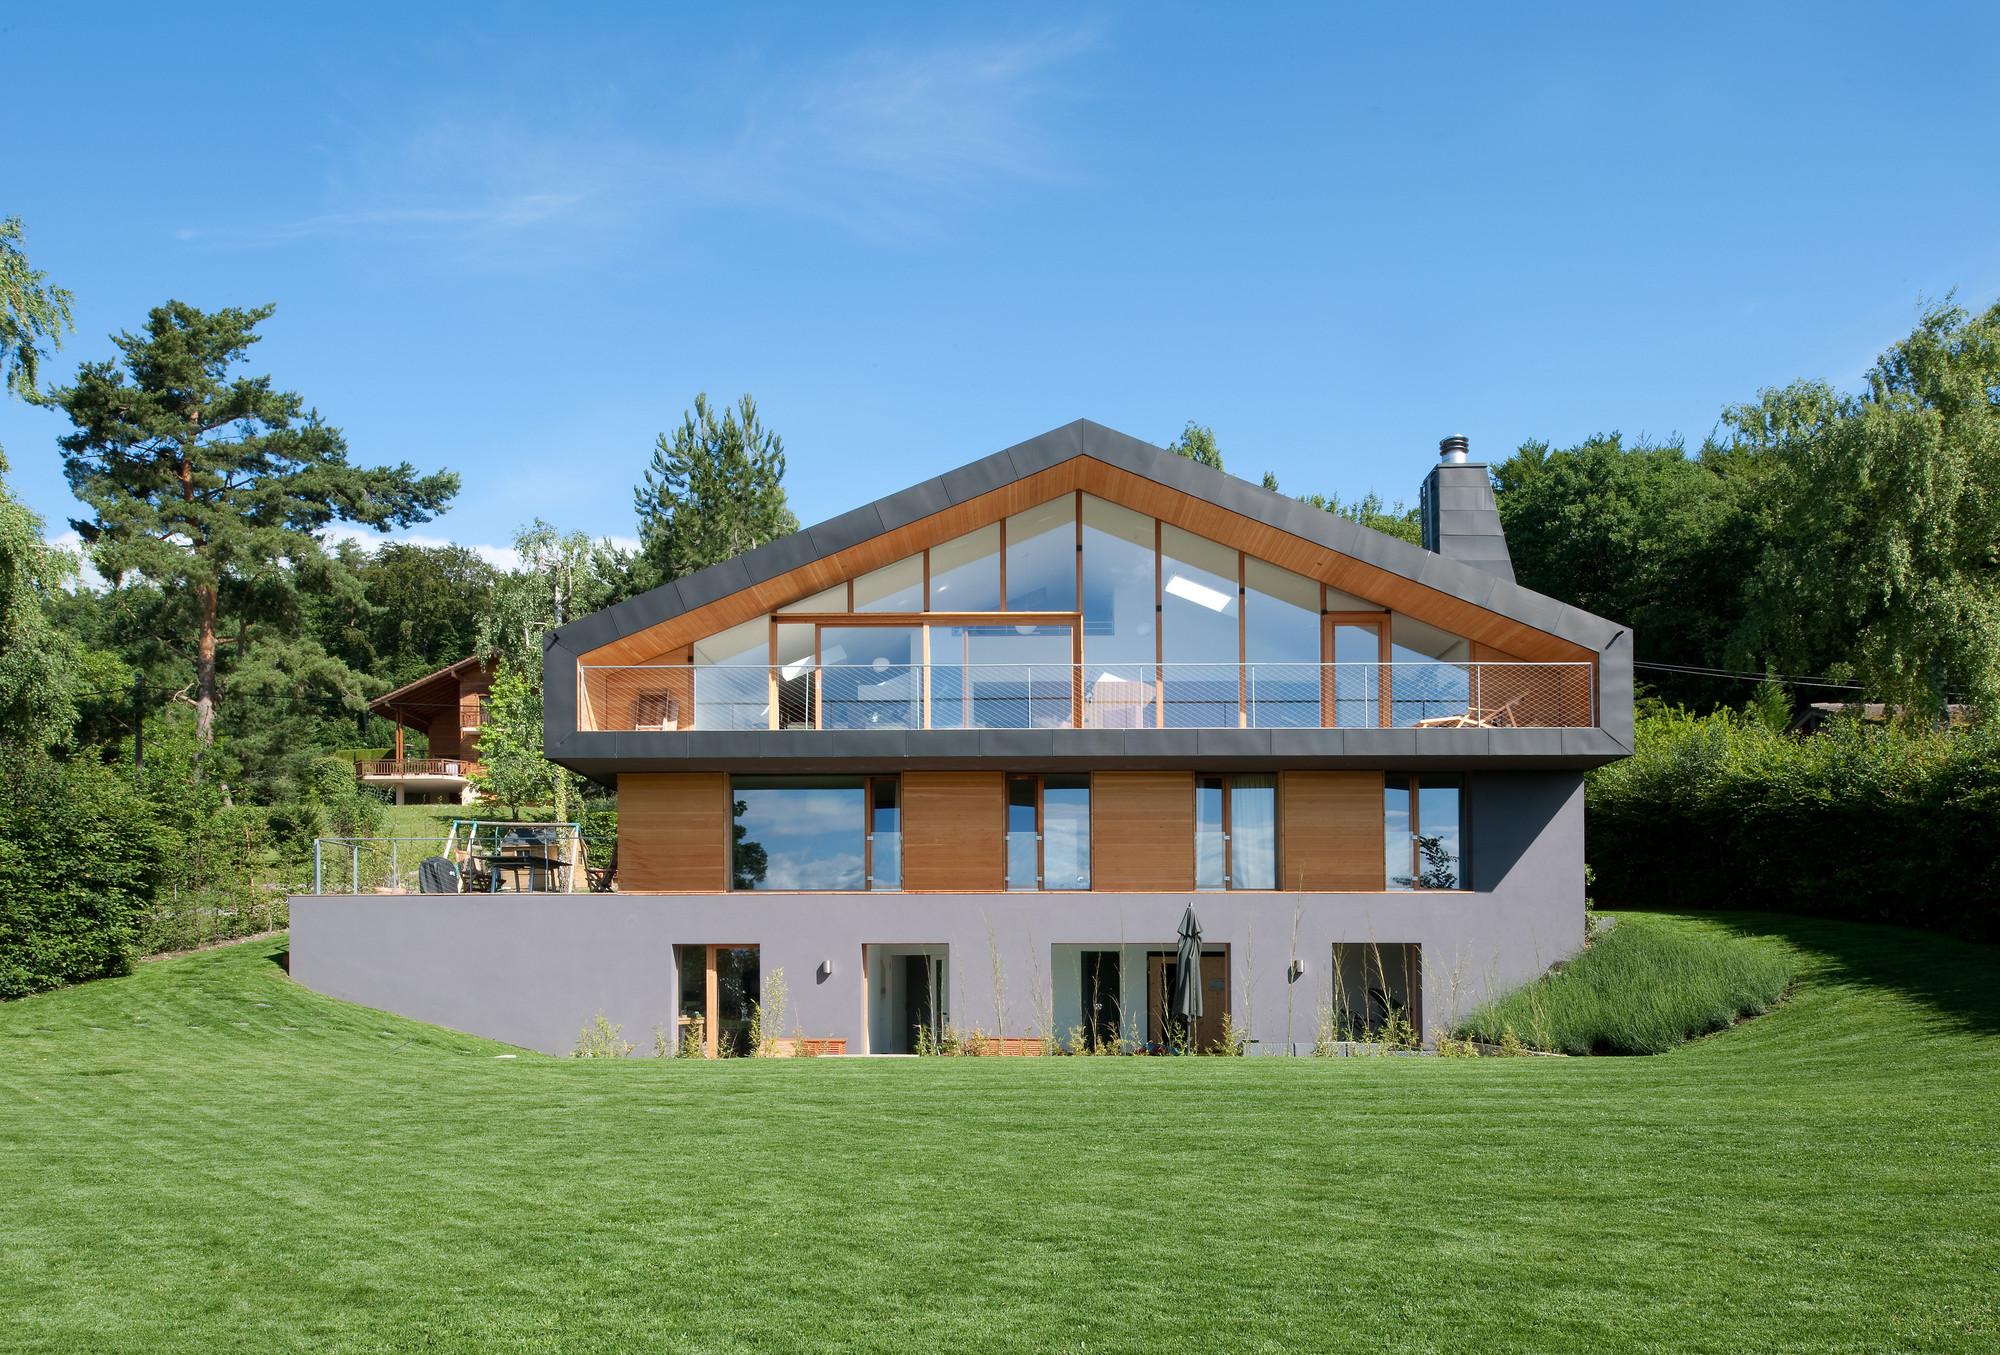 Красивые дома - дома, в которых хочется жить. Фото